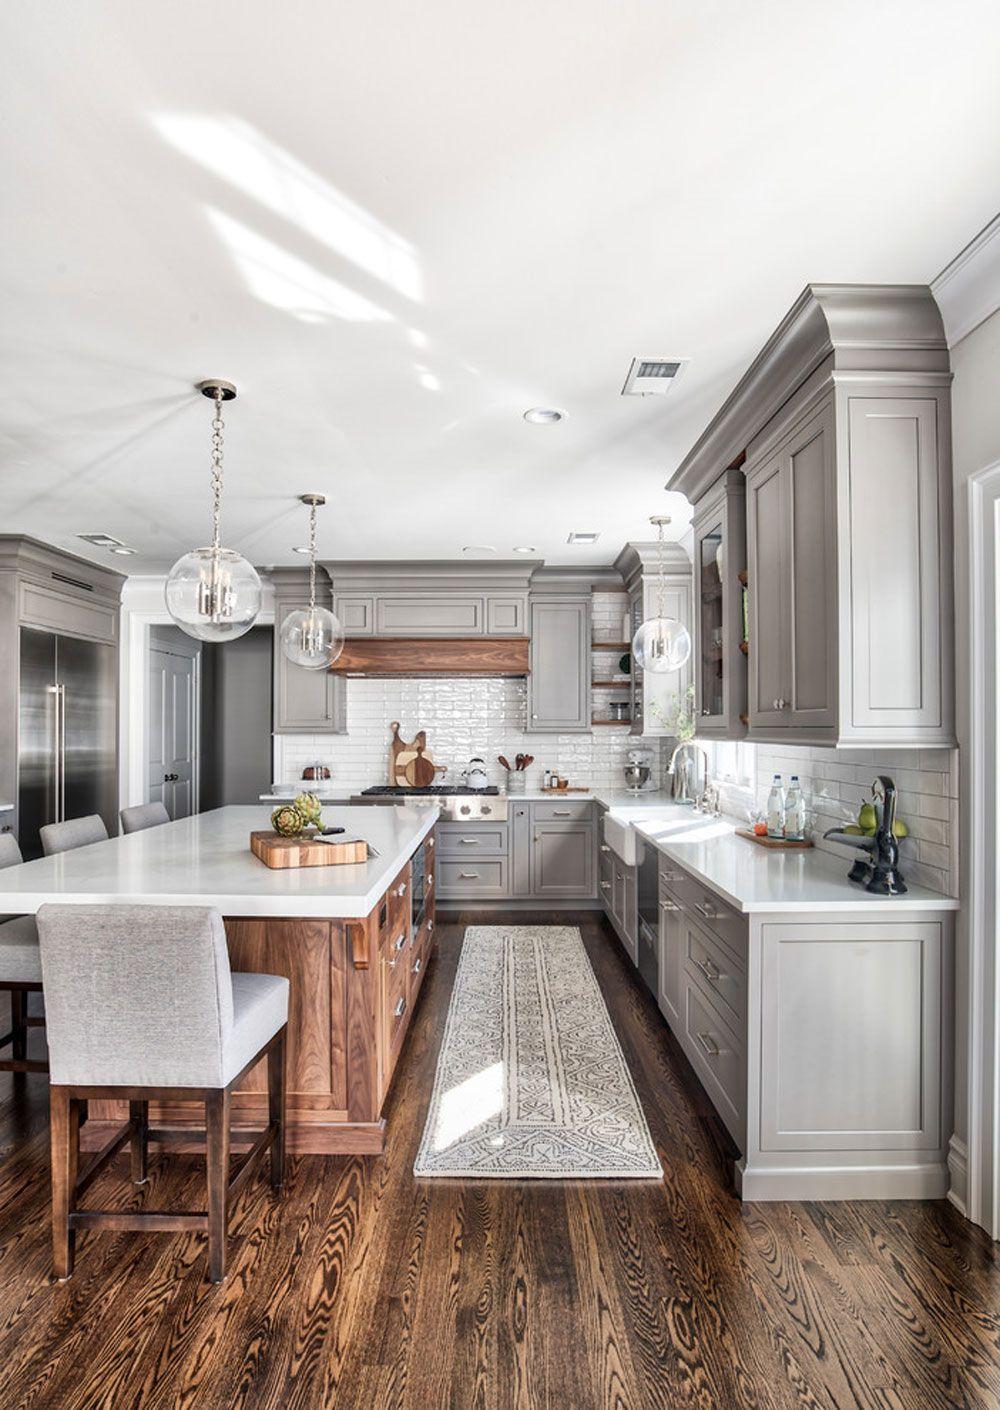 Küche layout Ideen, um besser zu organisieren den Ort #kitchenmakeovers Küche layout Ideen, um besser zu organisieren den Ort - Ihre Küche layout ist unglaublich wichtig. Eine moderne Küche ist mehr als nur ein Ort zum Kochen verwendet. Oft ist es eine Kochecke, ein Essen-Vorbe... #organizekitchen